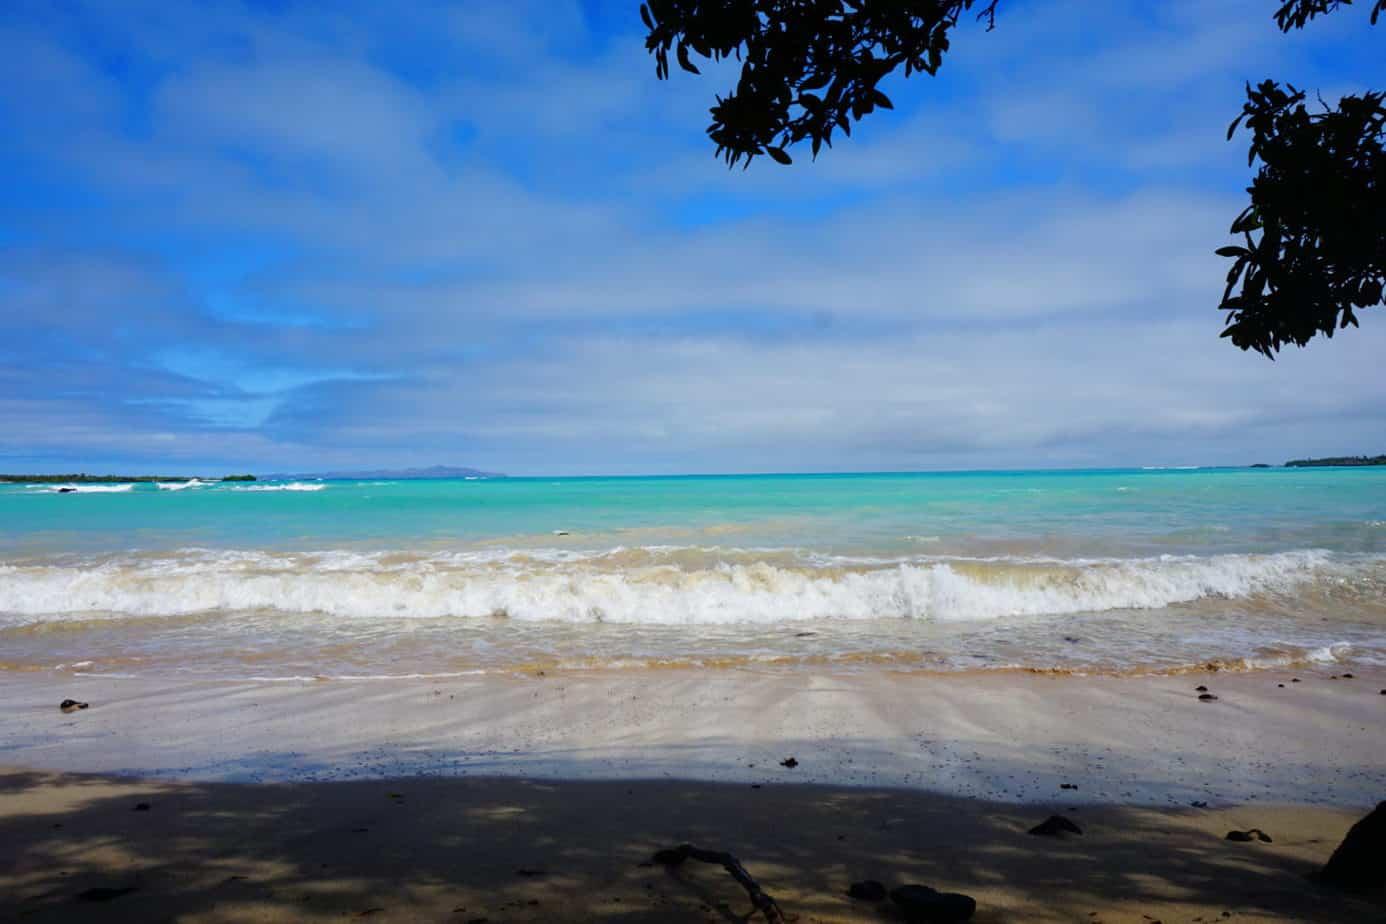 Ein Strand mit blauem Meer auf den Galapagos Inseln